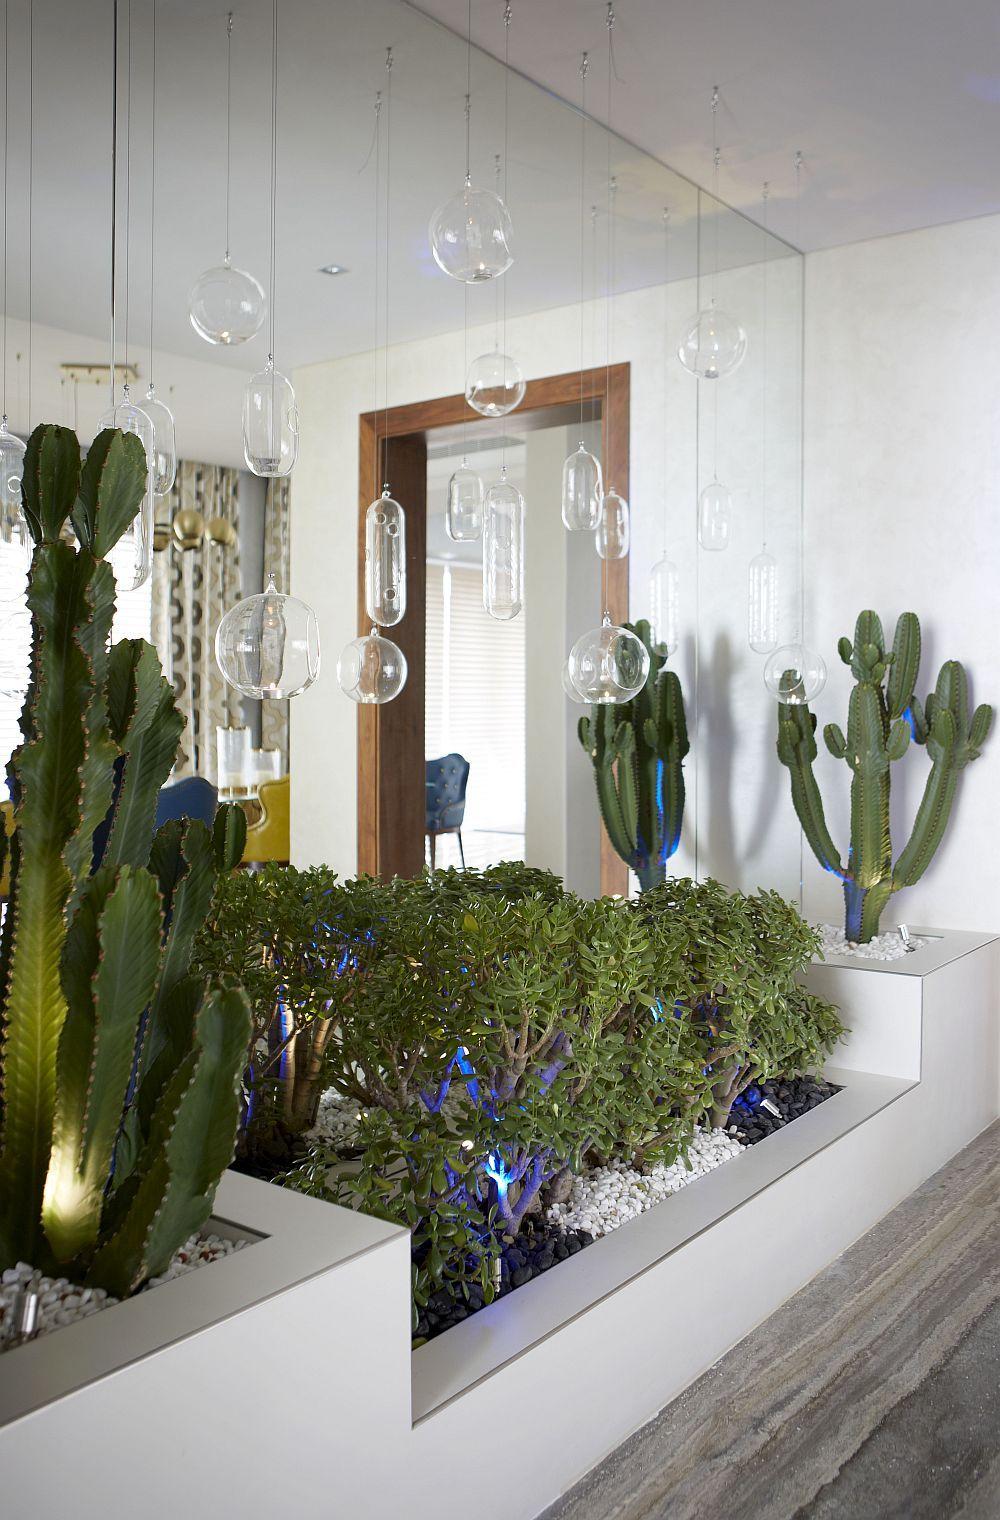 Hangining terrariums and an indoor garden inside